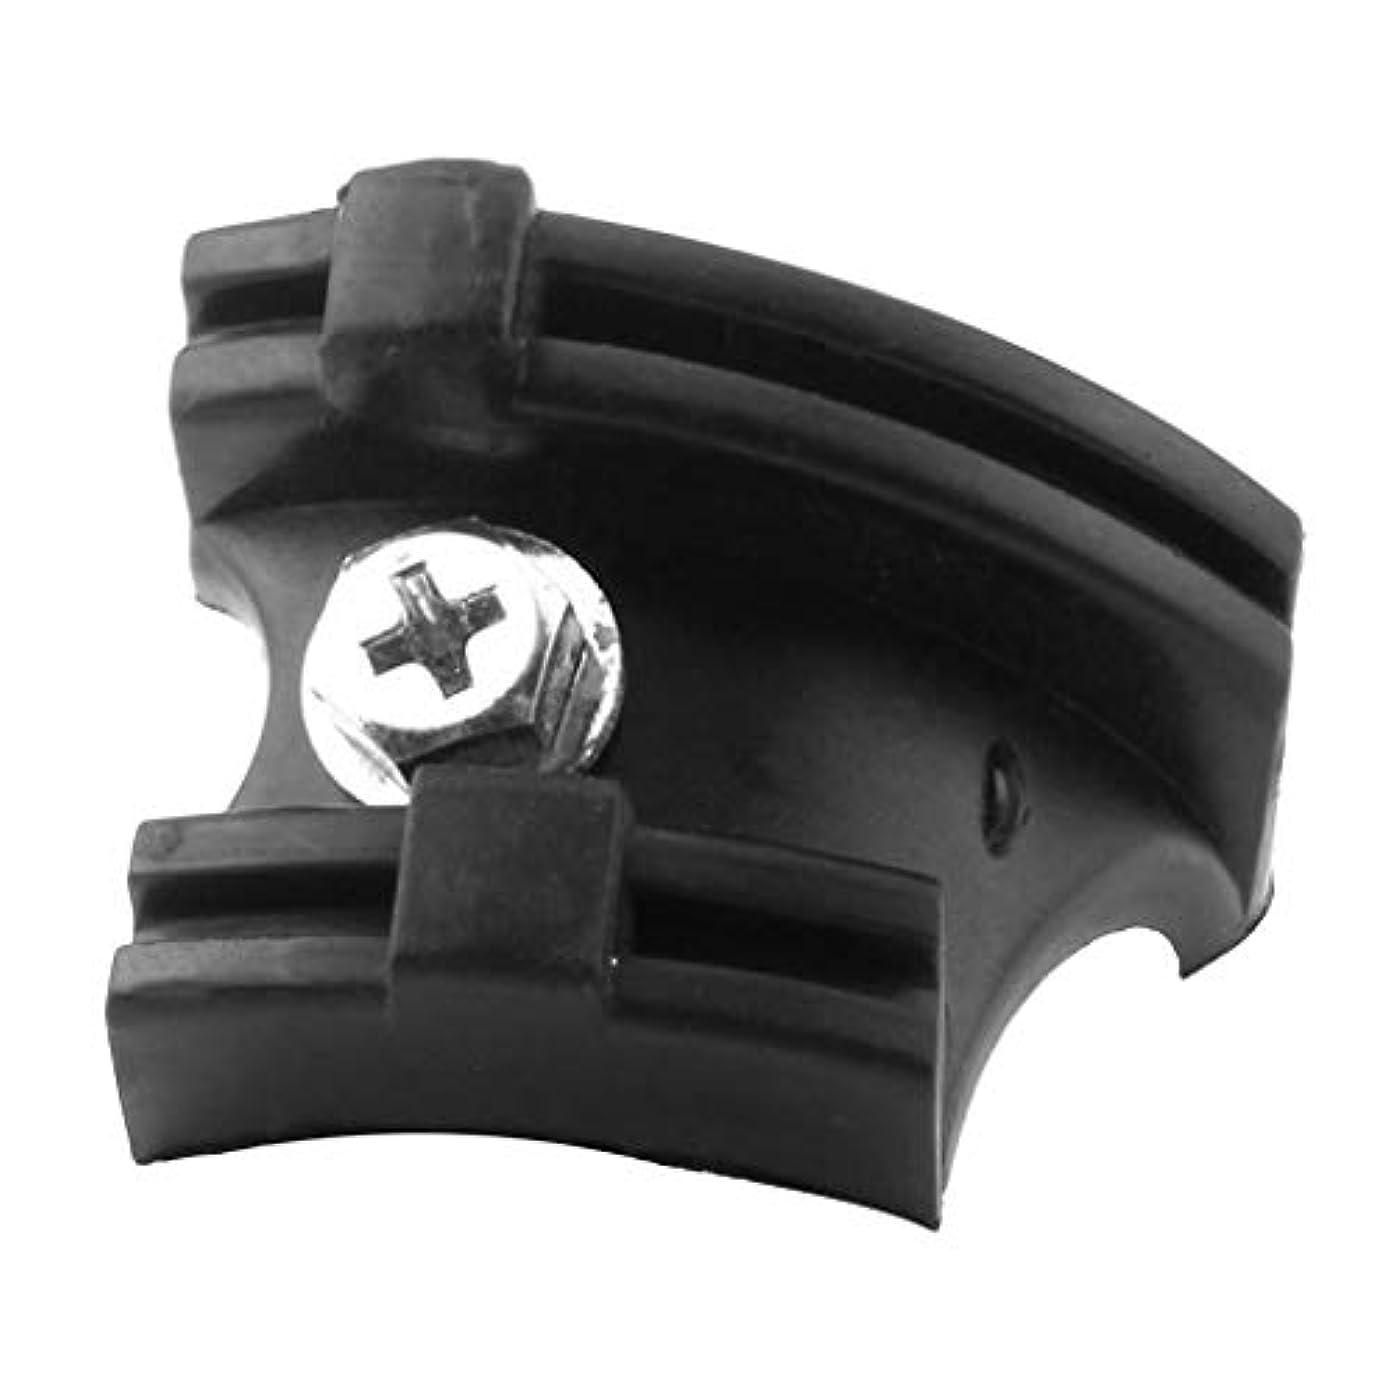 フェッチはねかける統治可能Baoblaze マウンテンロードバイクボトム ブラケットケーブルガイド スクリュー ブラック